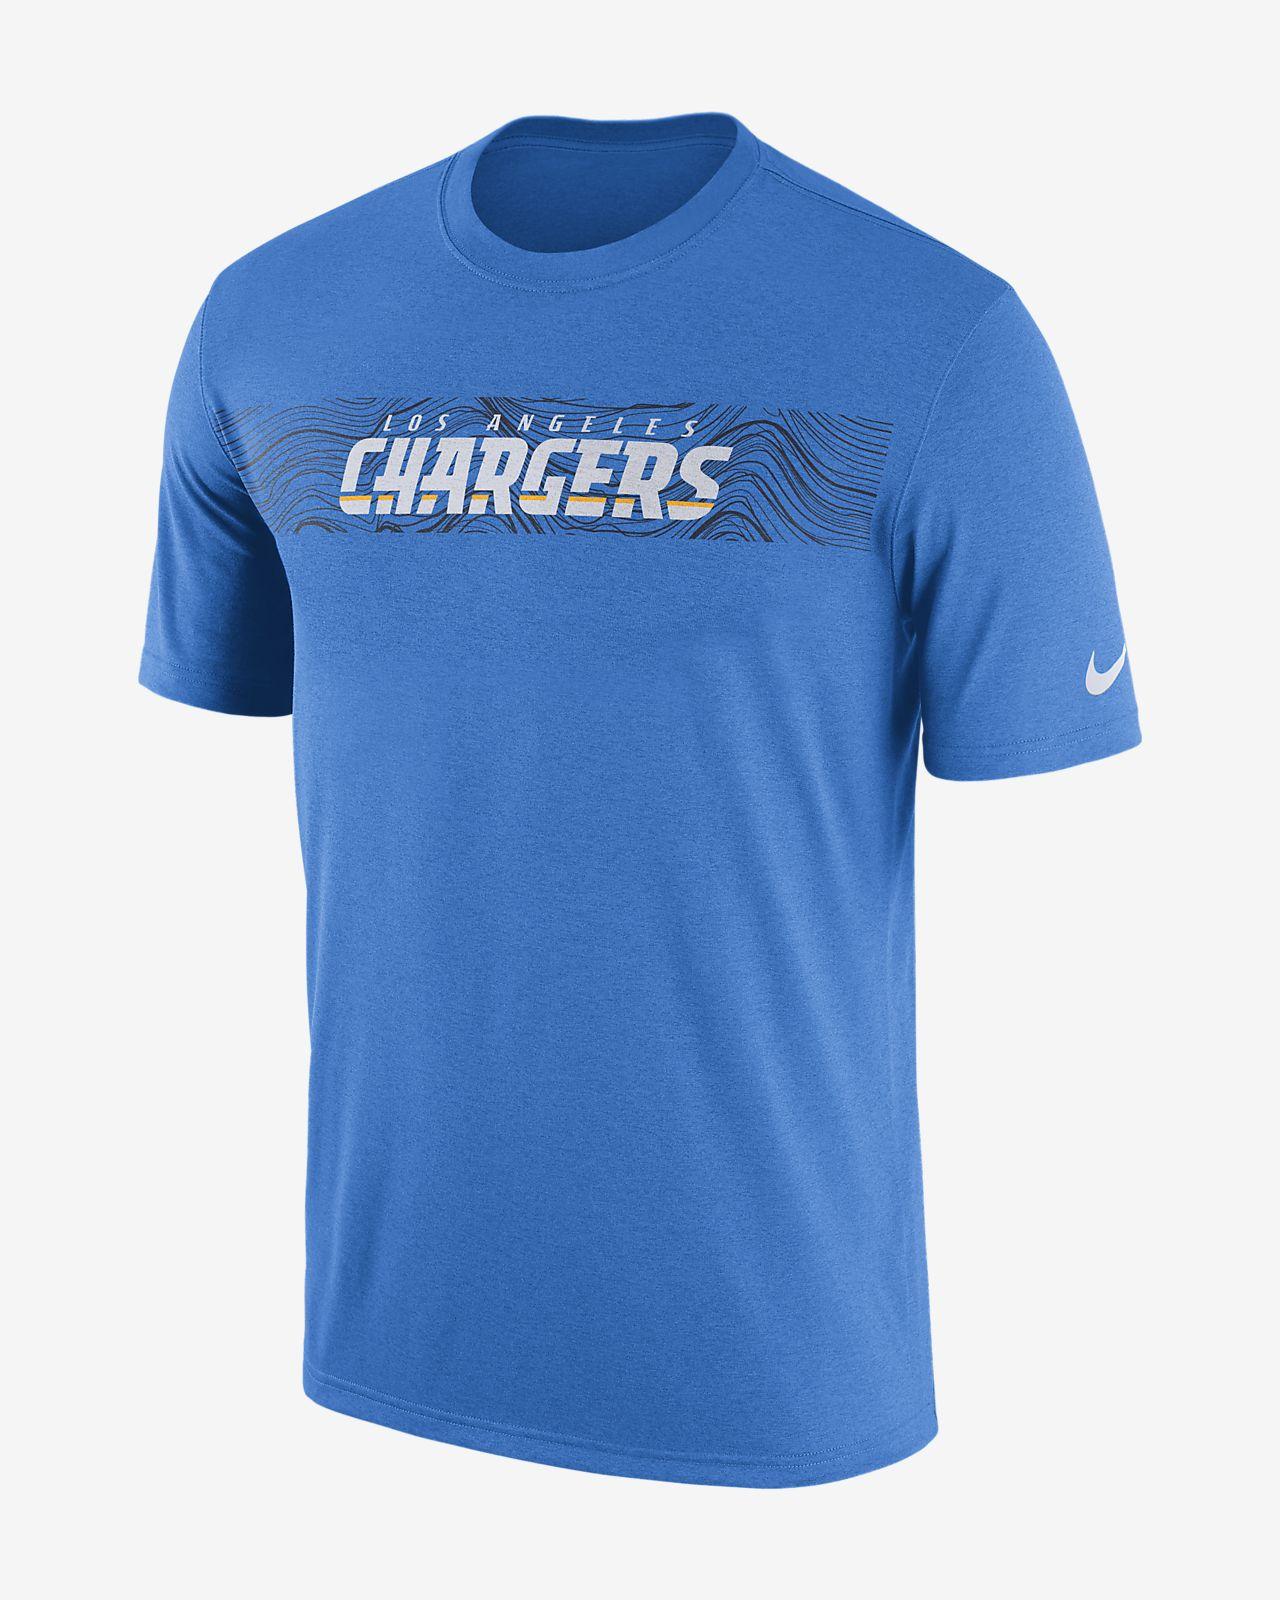 Nike Dri-FIT Legend Seismic (NFL Chargers) Herren-T-Shirt